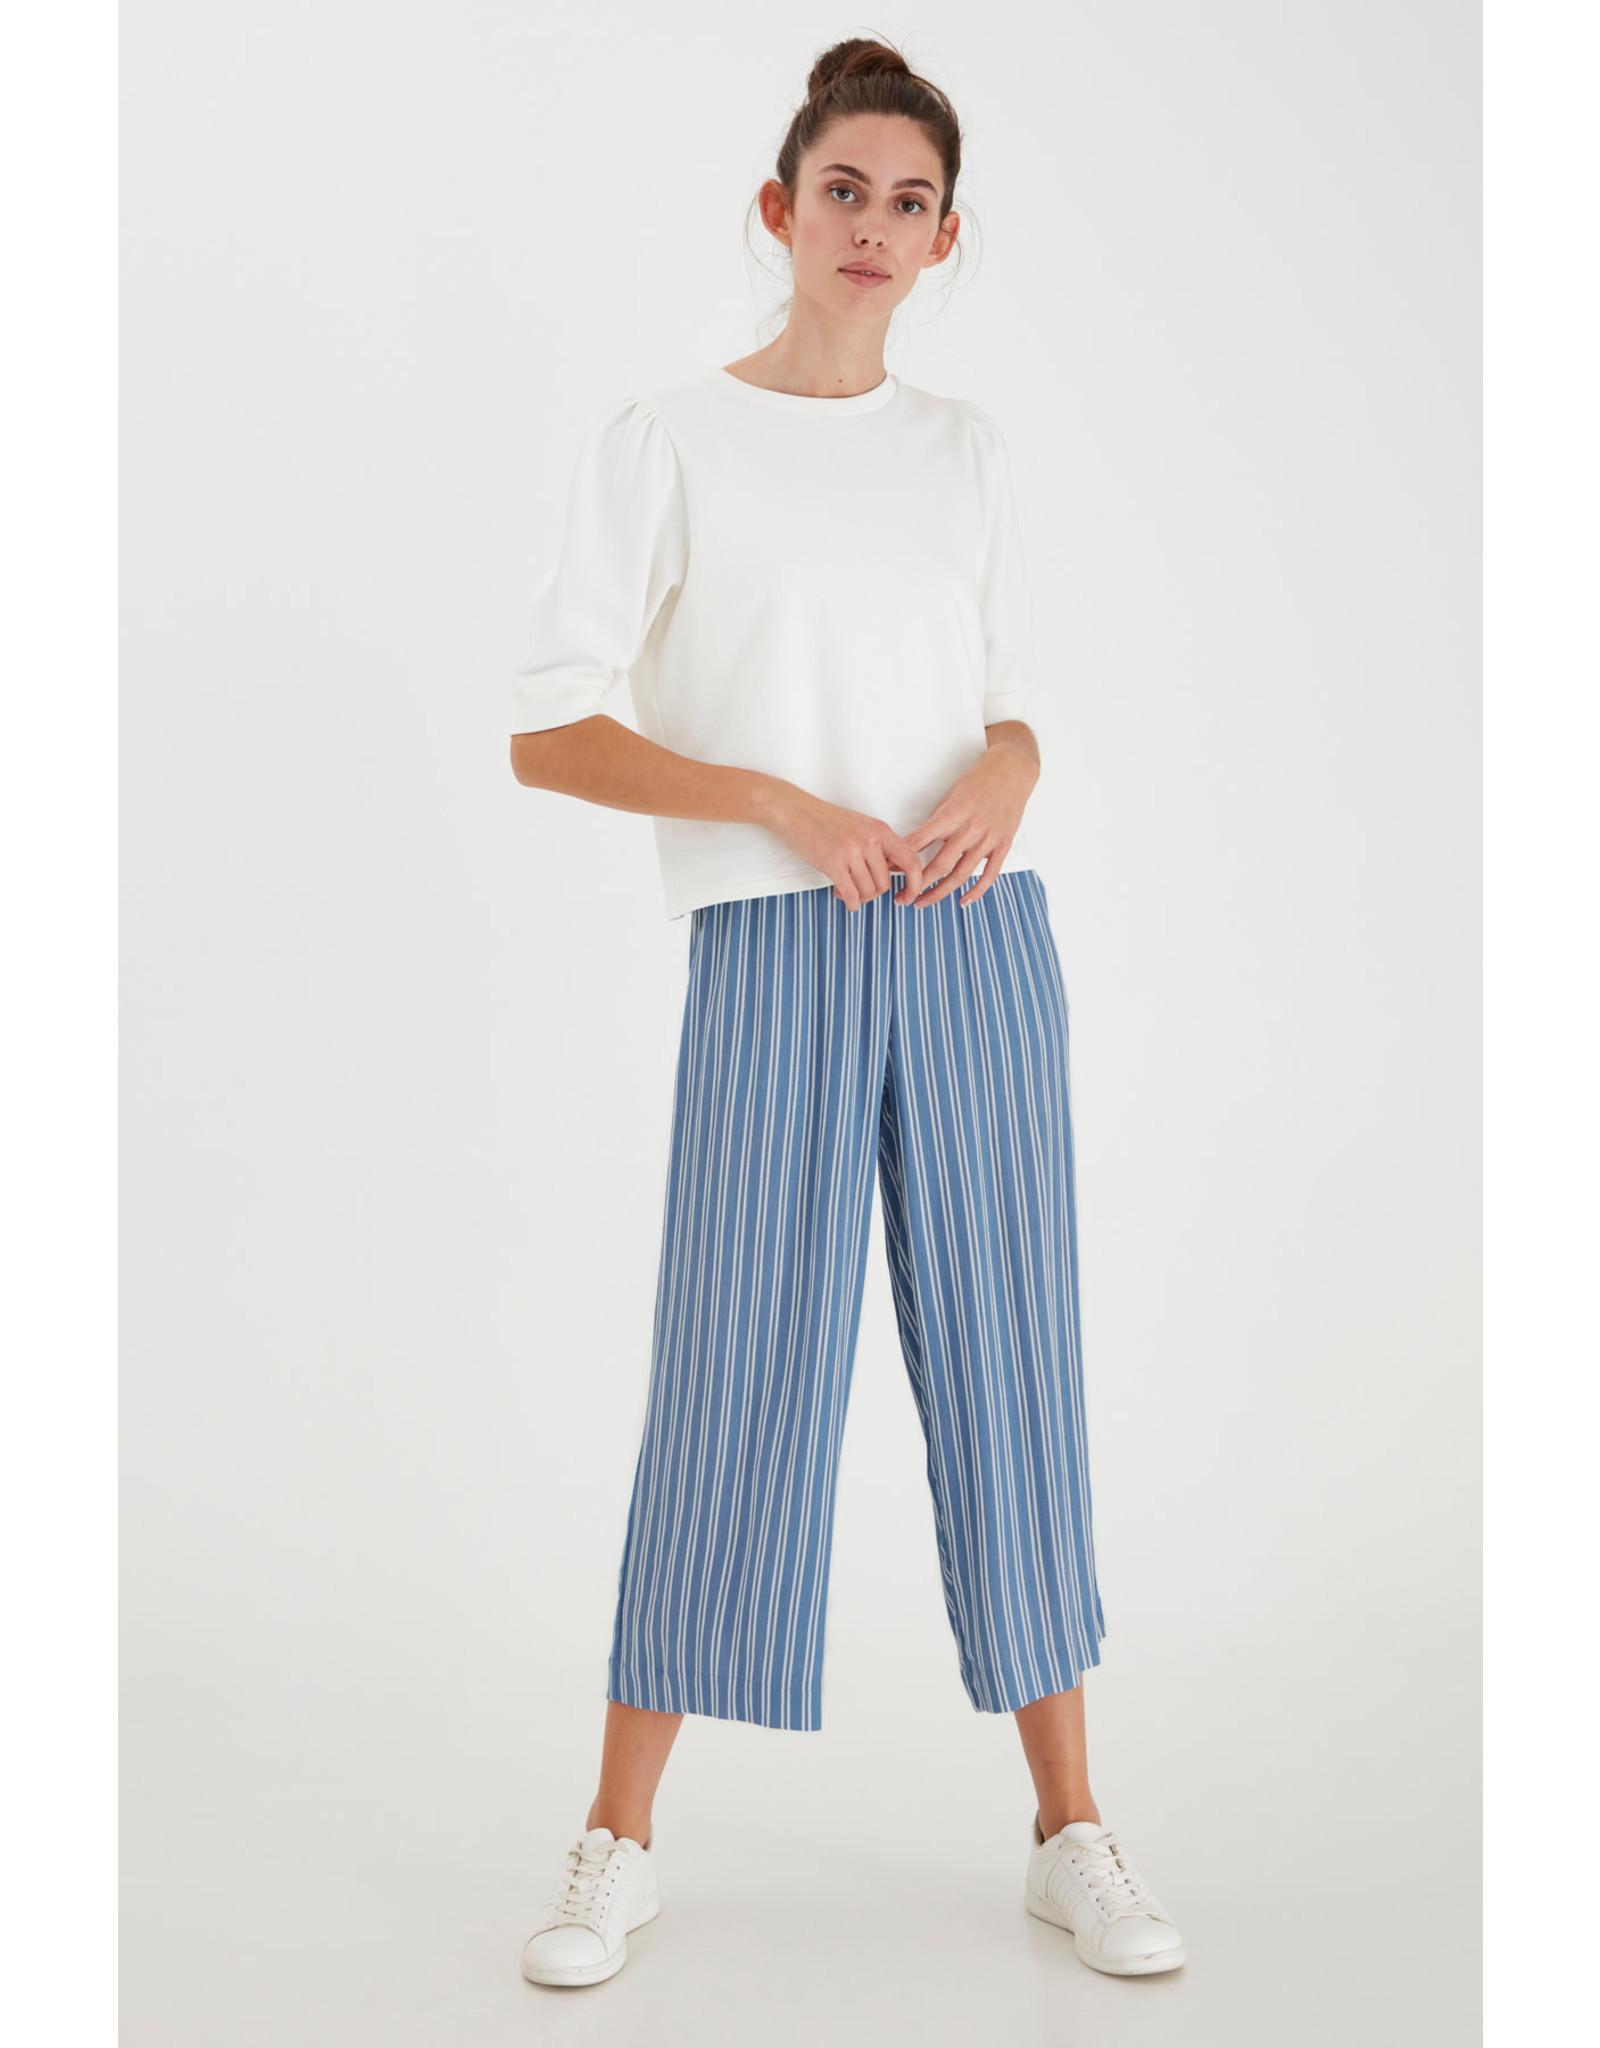 IDK - Boardwalk Pant